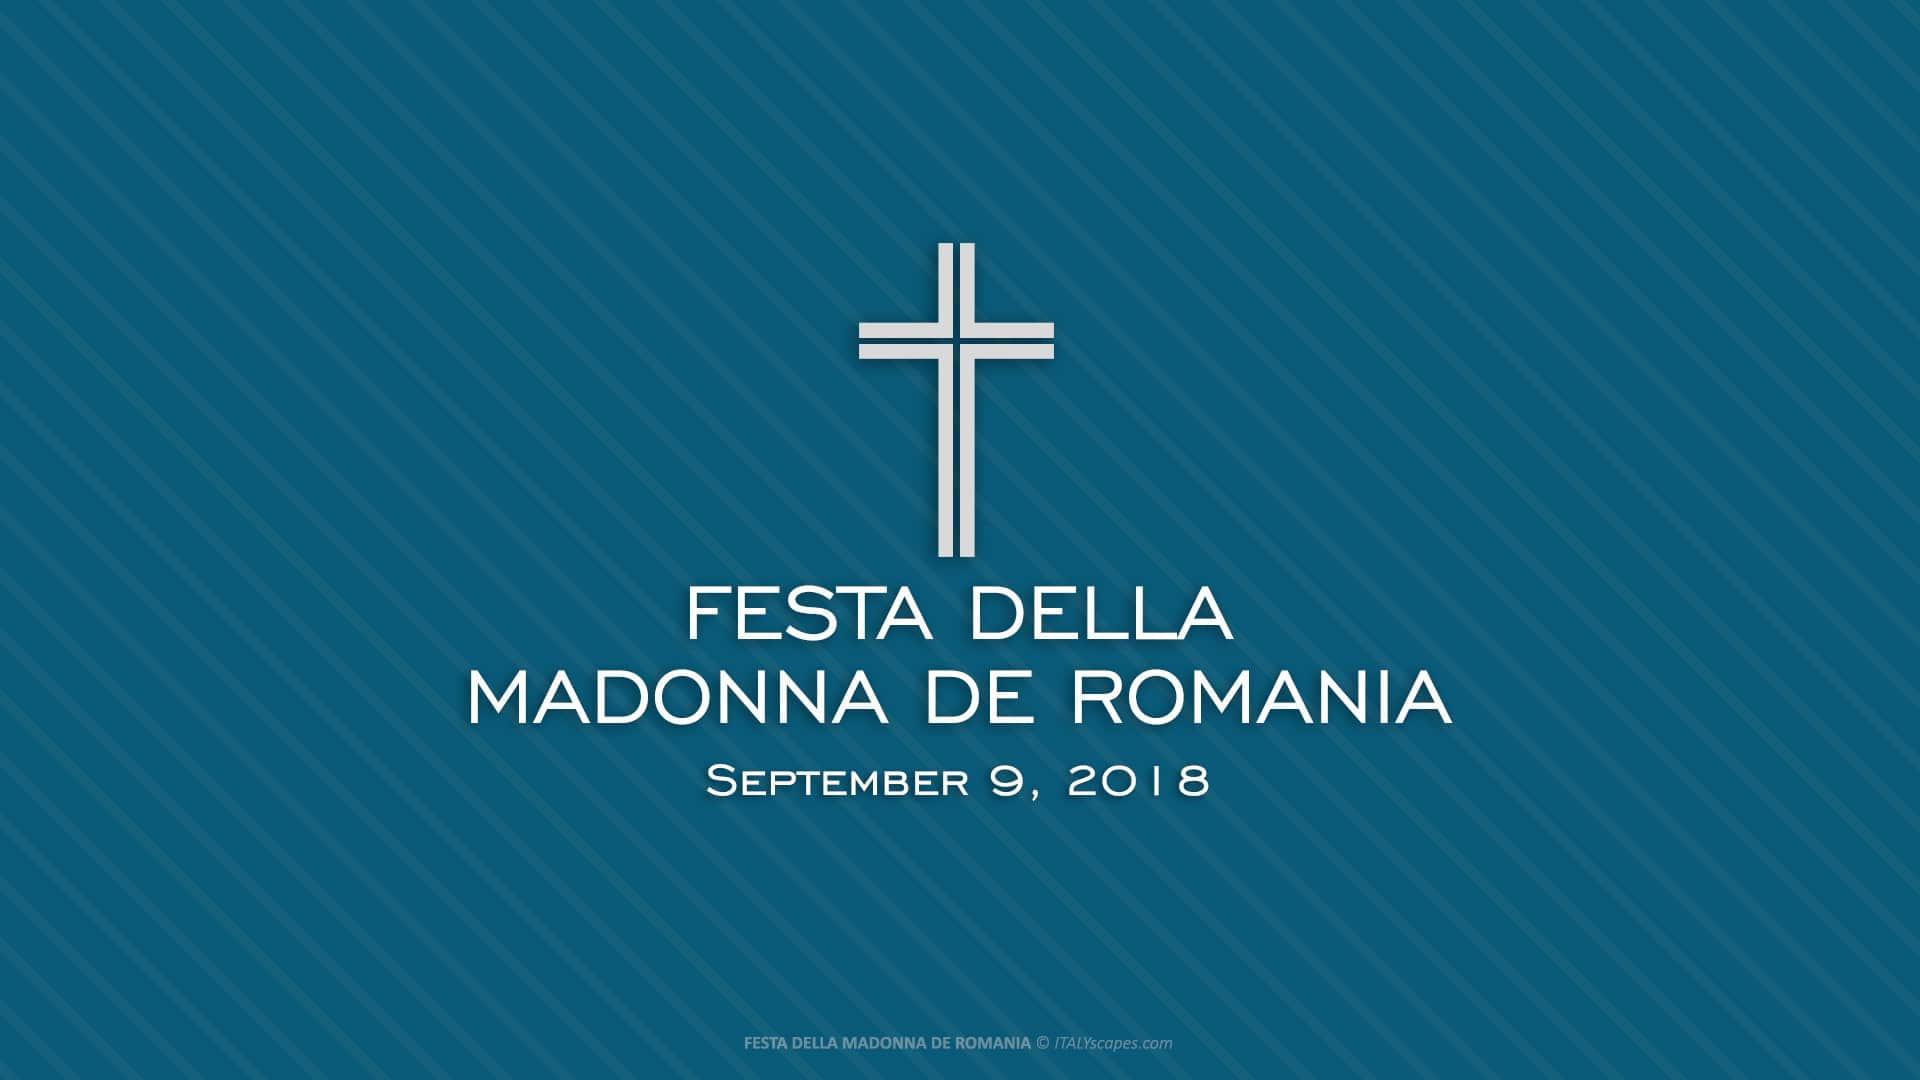 Festa Della Madonna De Romania September 9 2018 Tropea